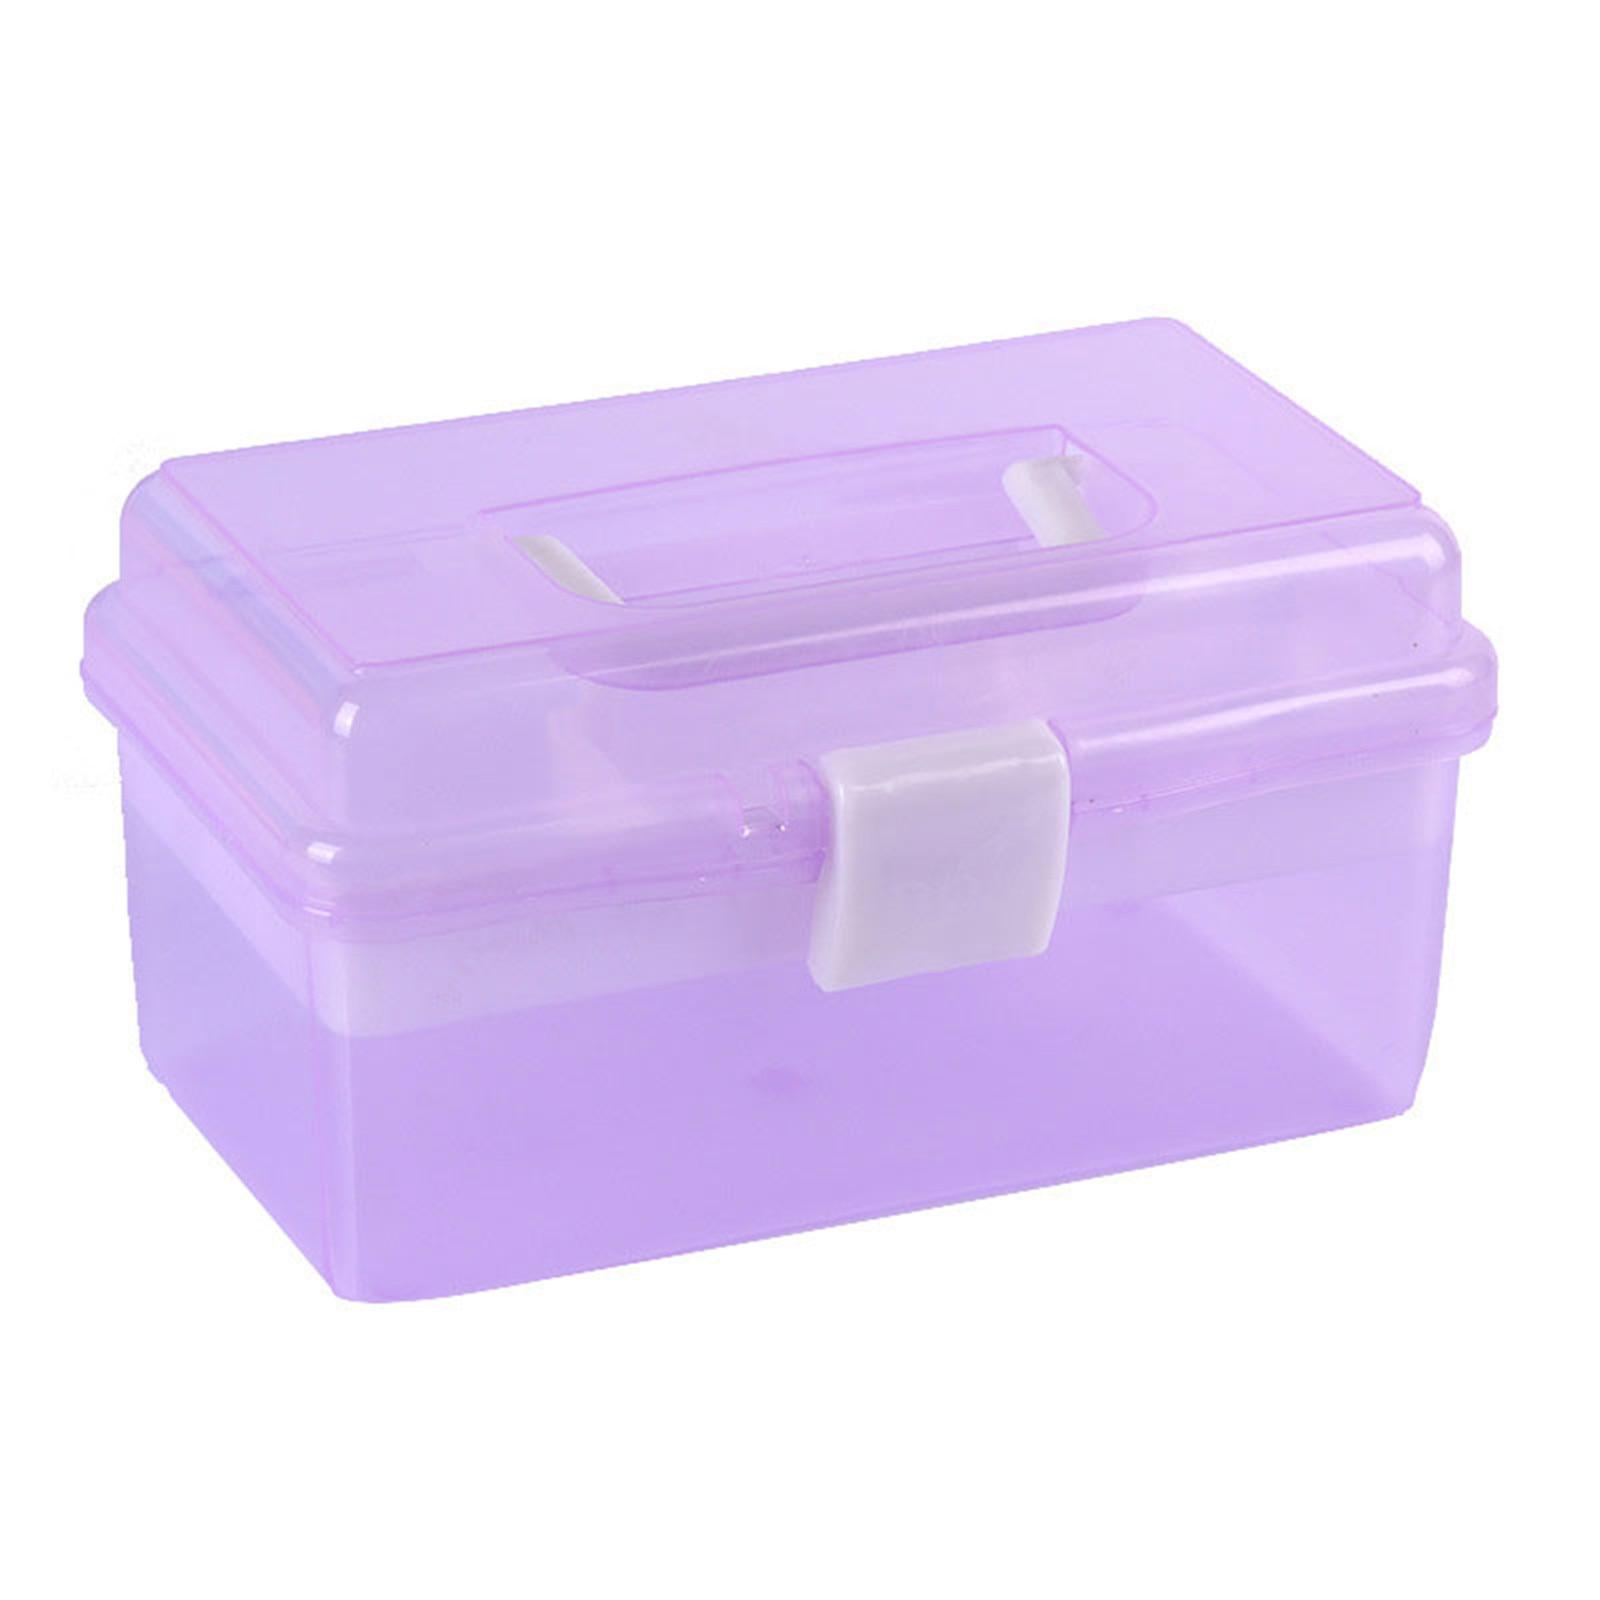 2 طبقة صندوق تخزين من البلاستيك متعددة الوظائف المحمولة مجموعة أدوات طلاء الأظافر مع يده للأظافر أدوات التصميم 66CY